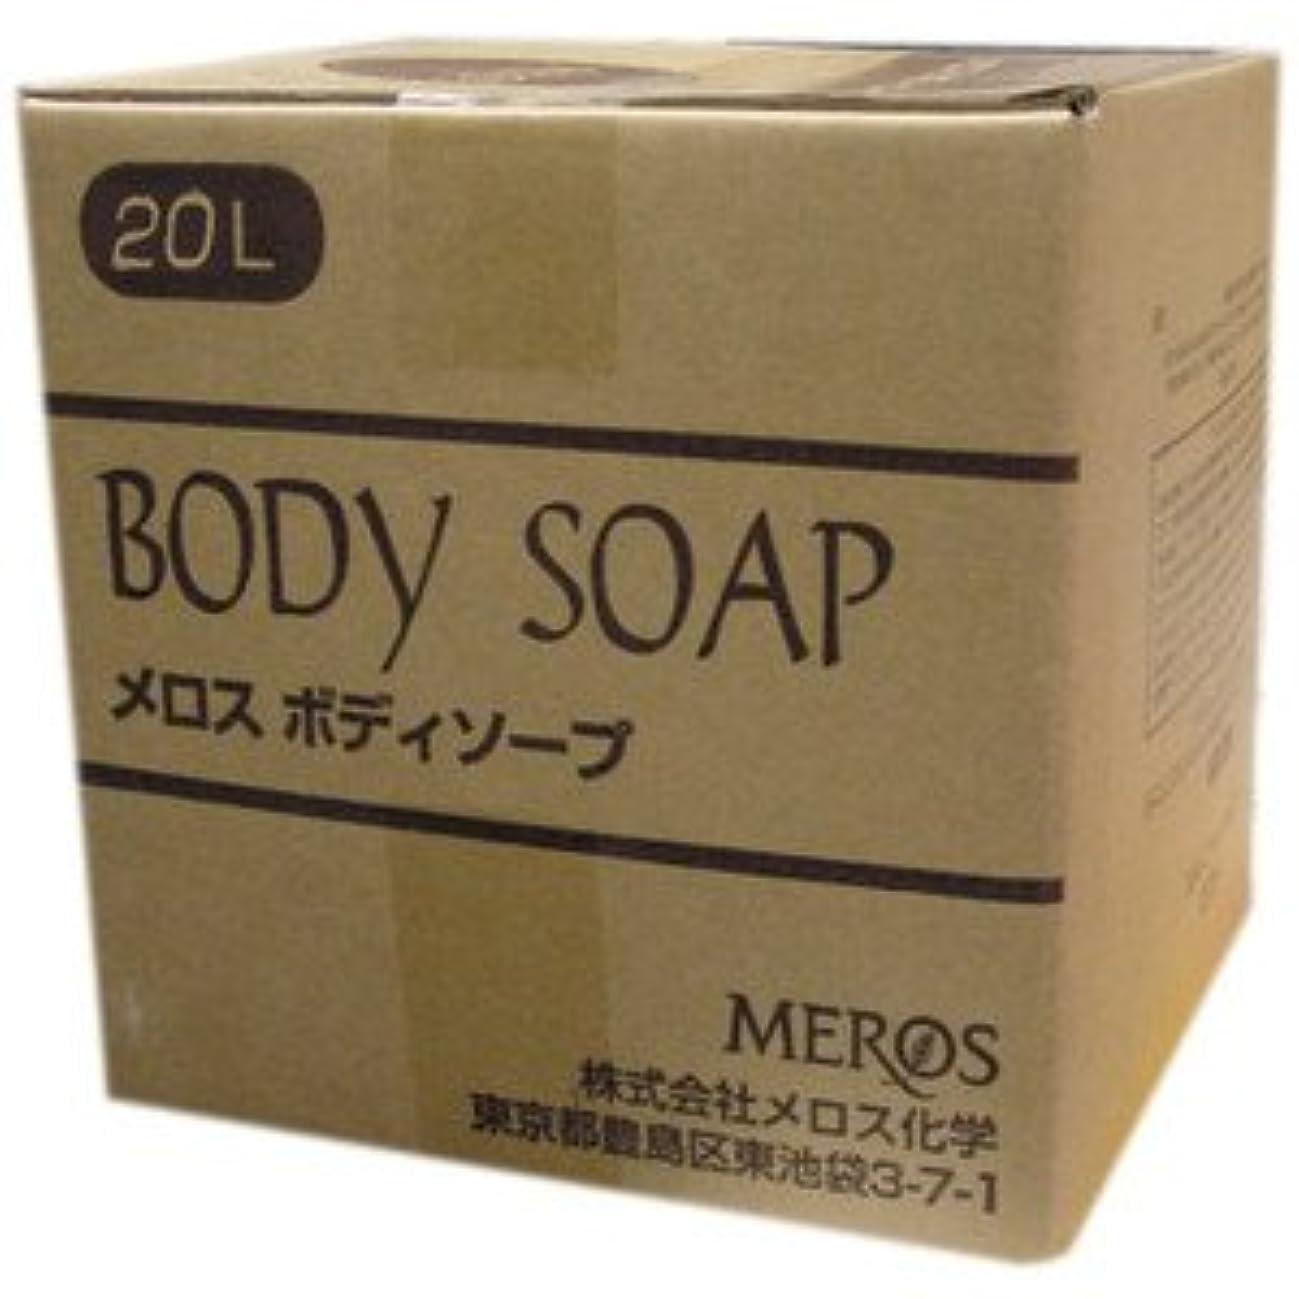 注入相対サイズ家庭メロス ボディソープ 業務用 20L / 詰め替え (メロス化学) 業務用ボディソープ